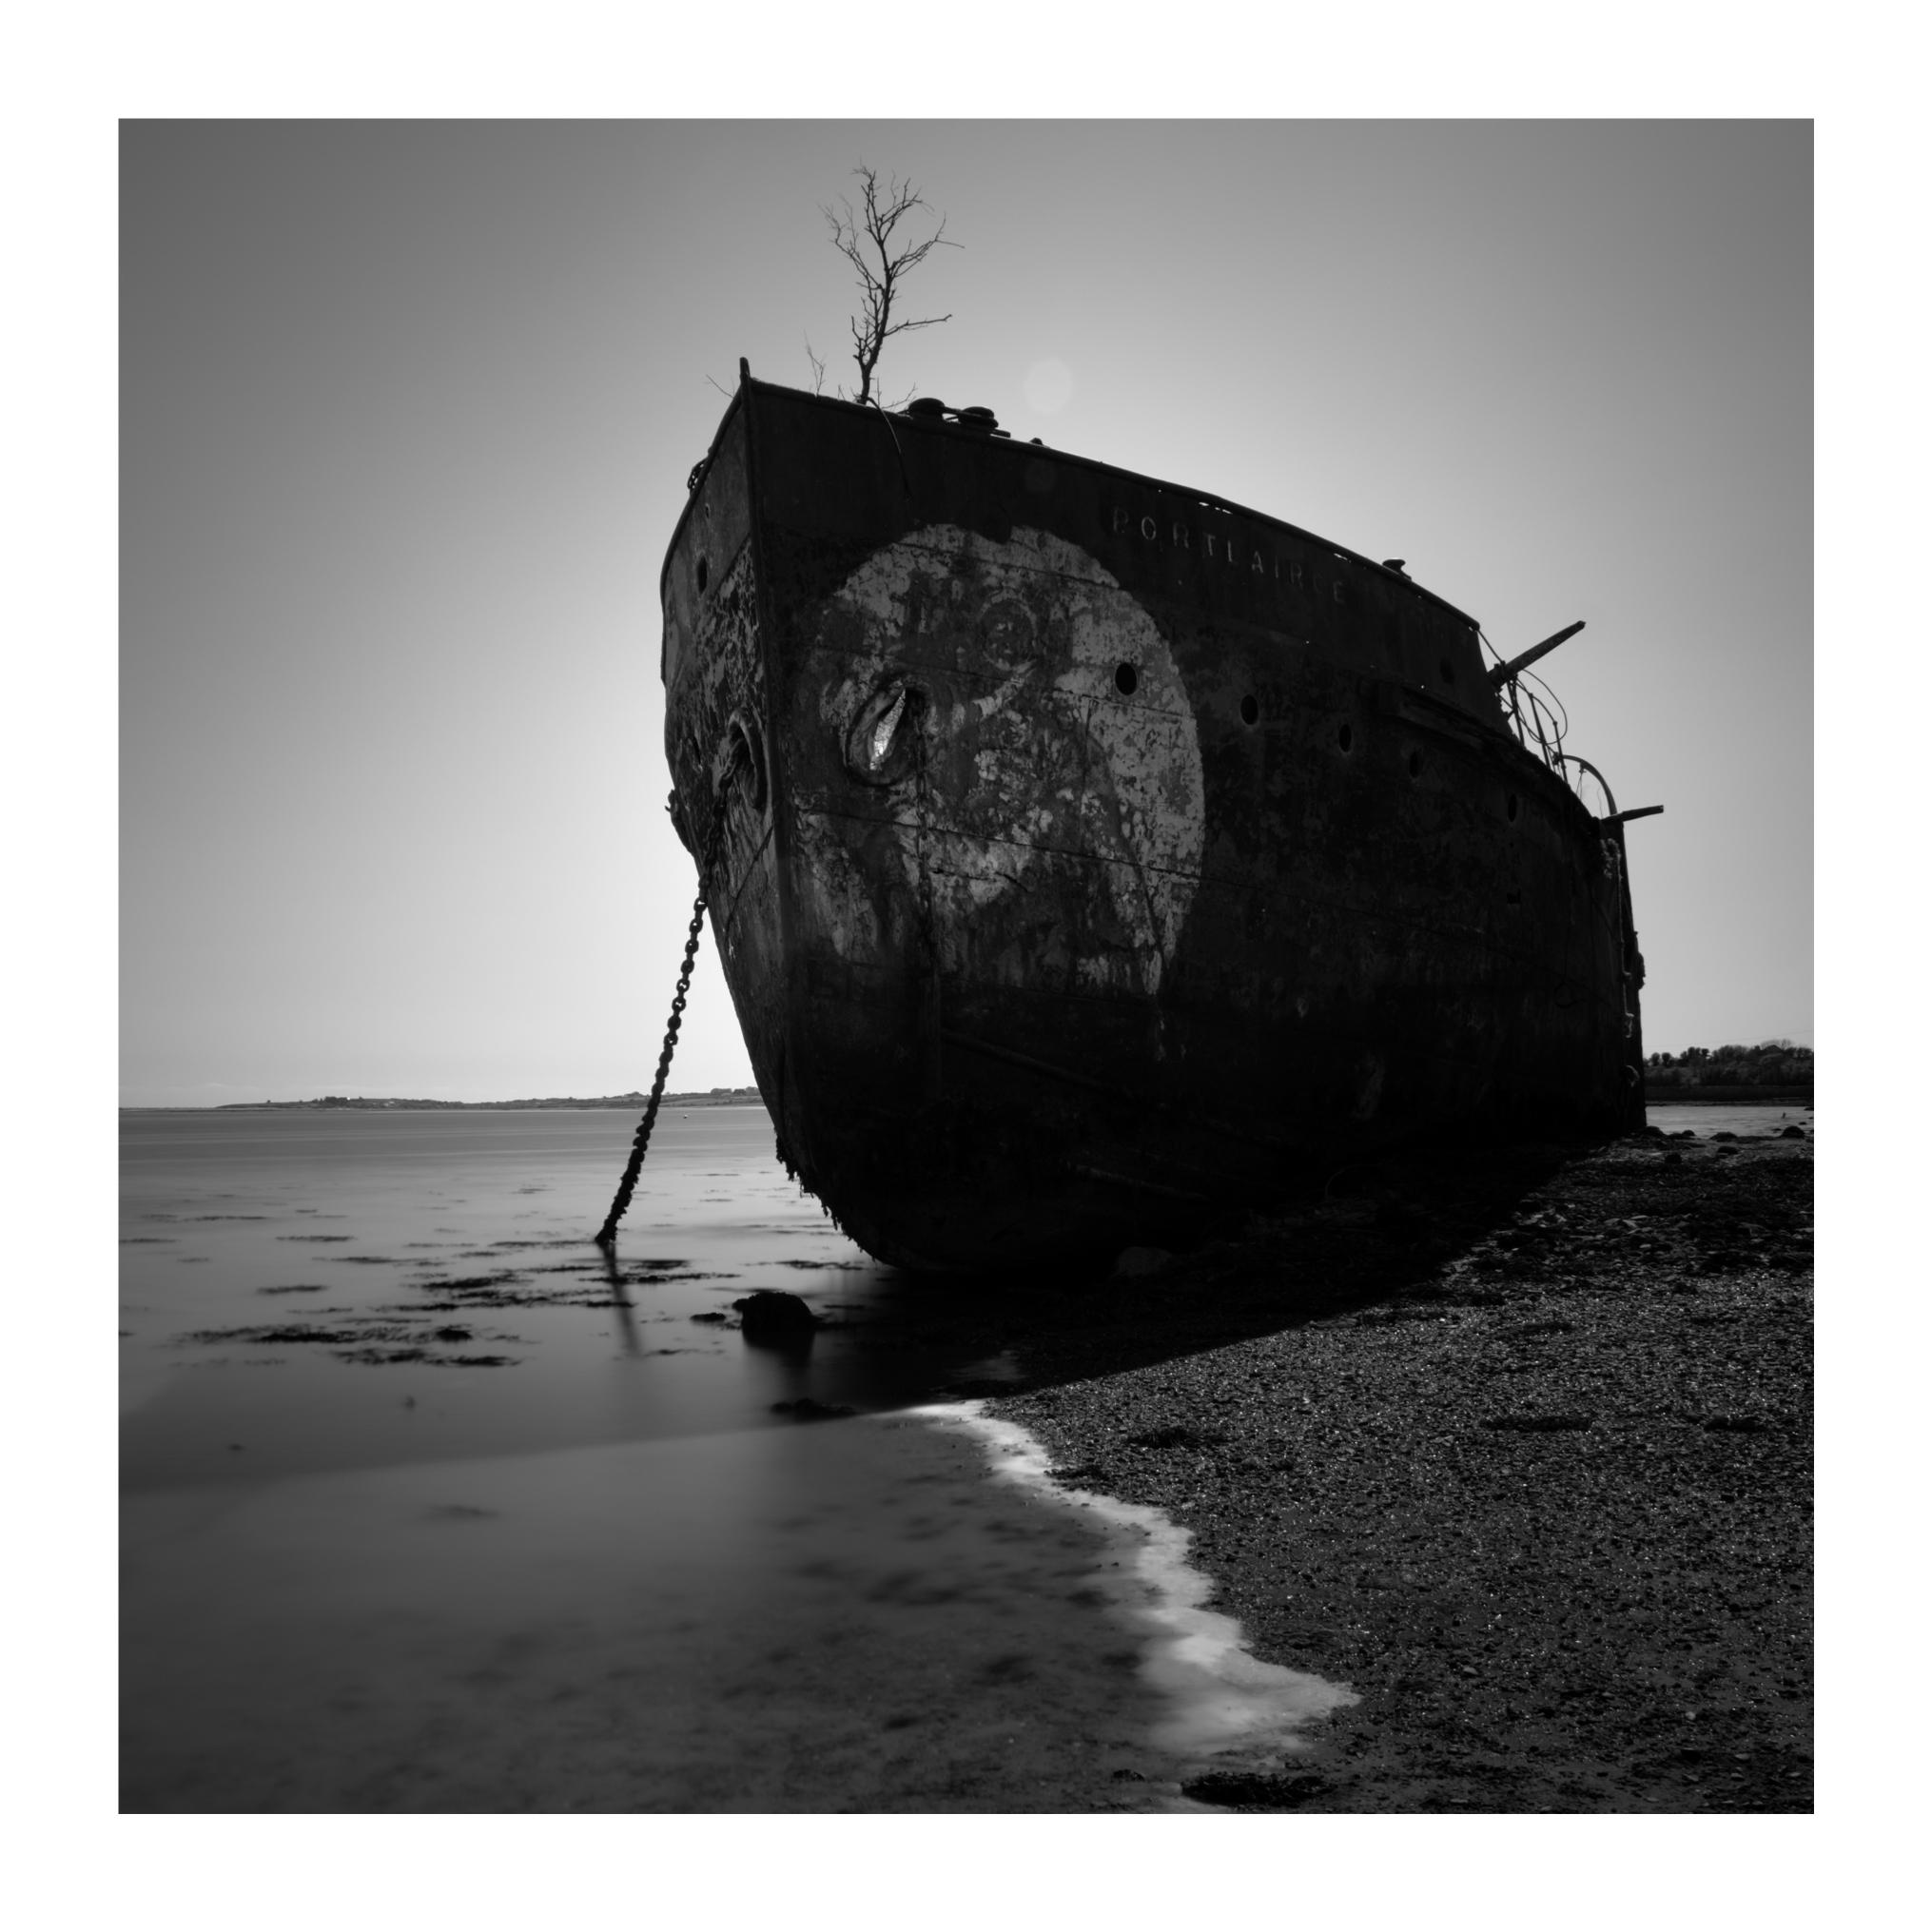 Portlairge wreck saltmills wexford 6.jpg